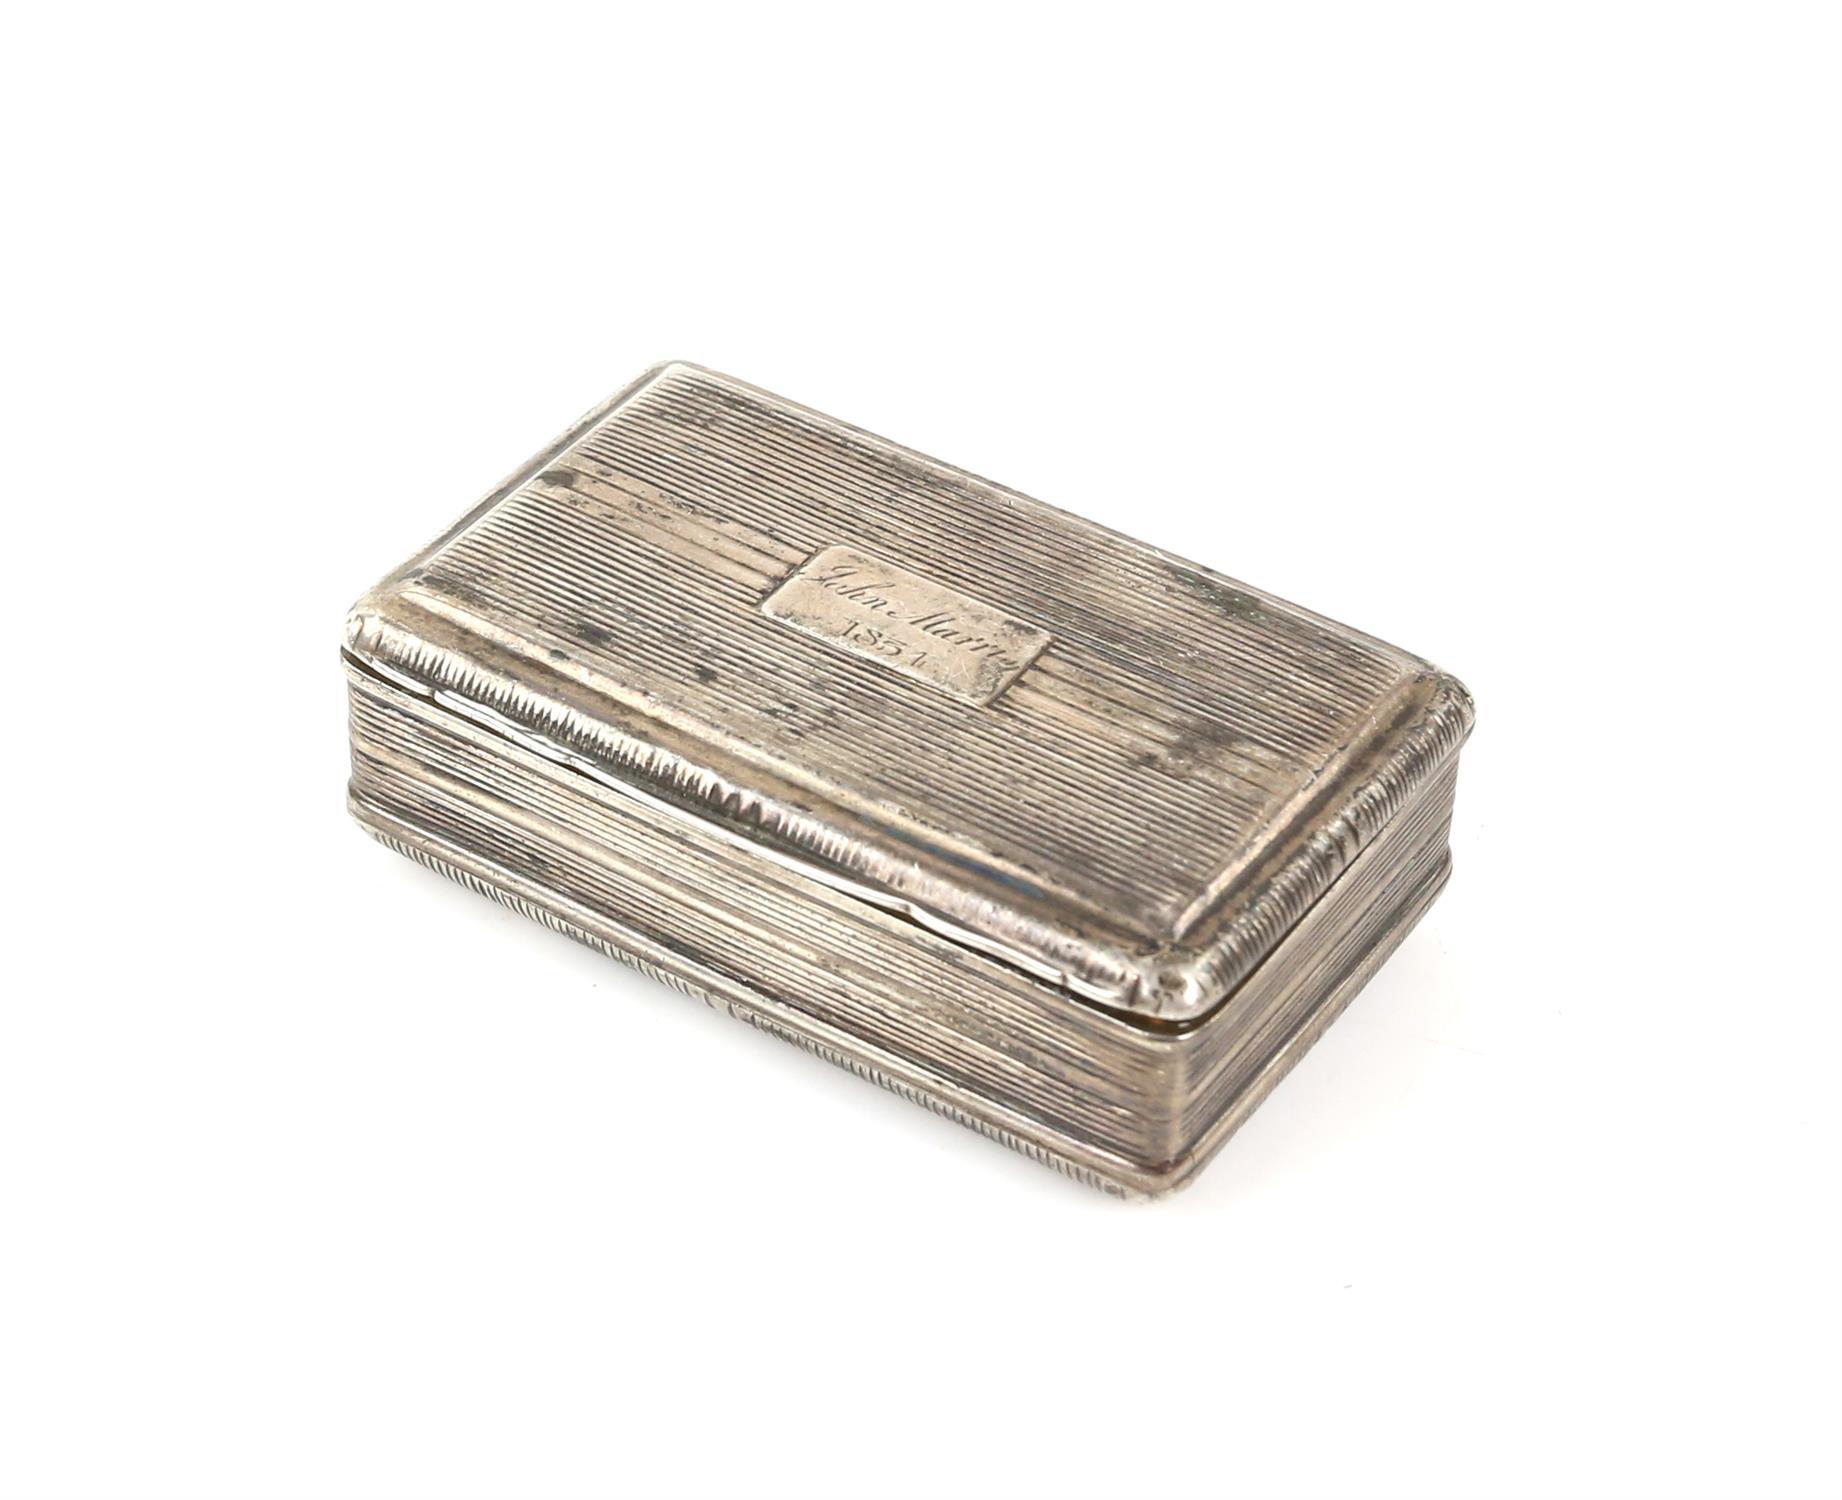 George III silver snuff box by John Shaw, Birmingham 1818, 6.5cm x 4cm x 2cm 2oz 66gm